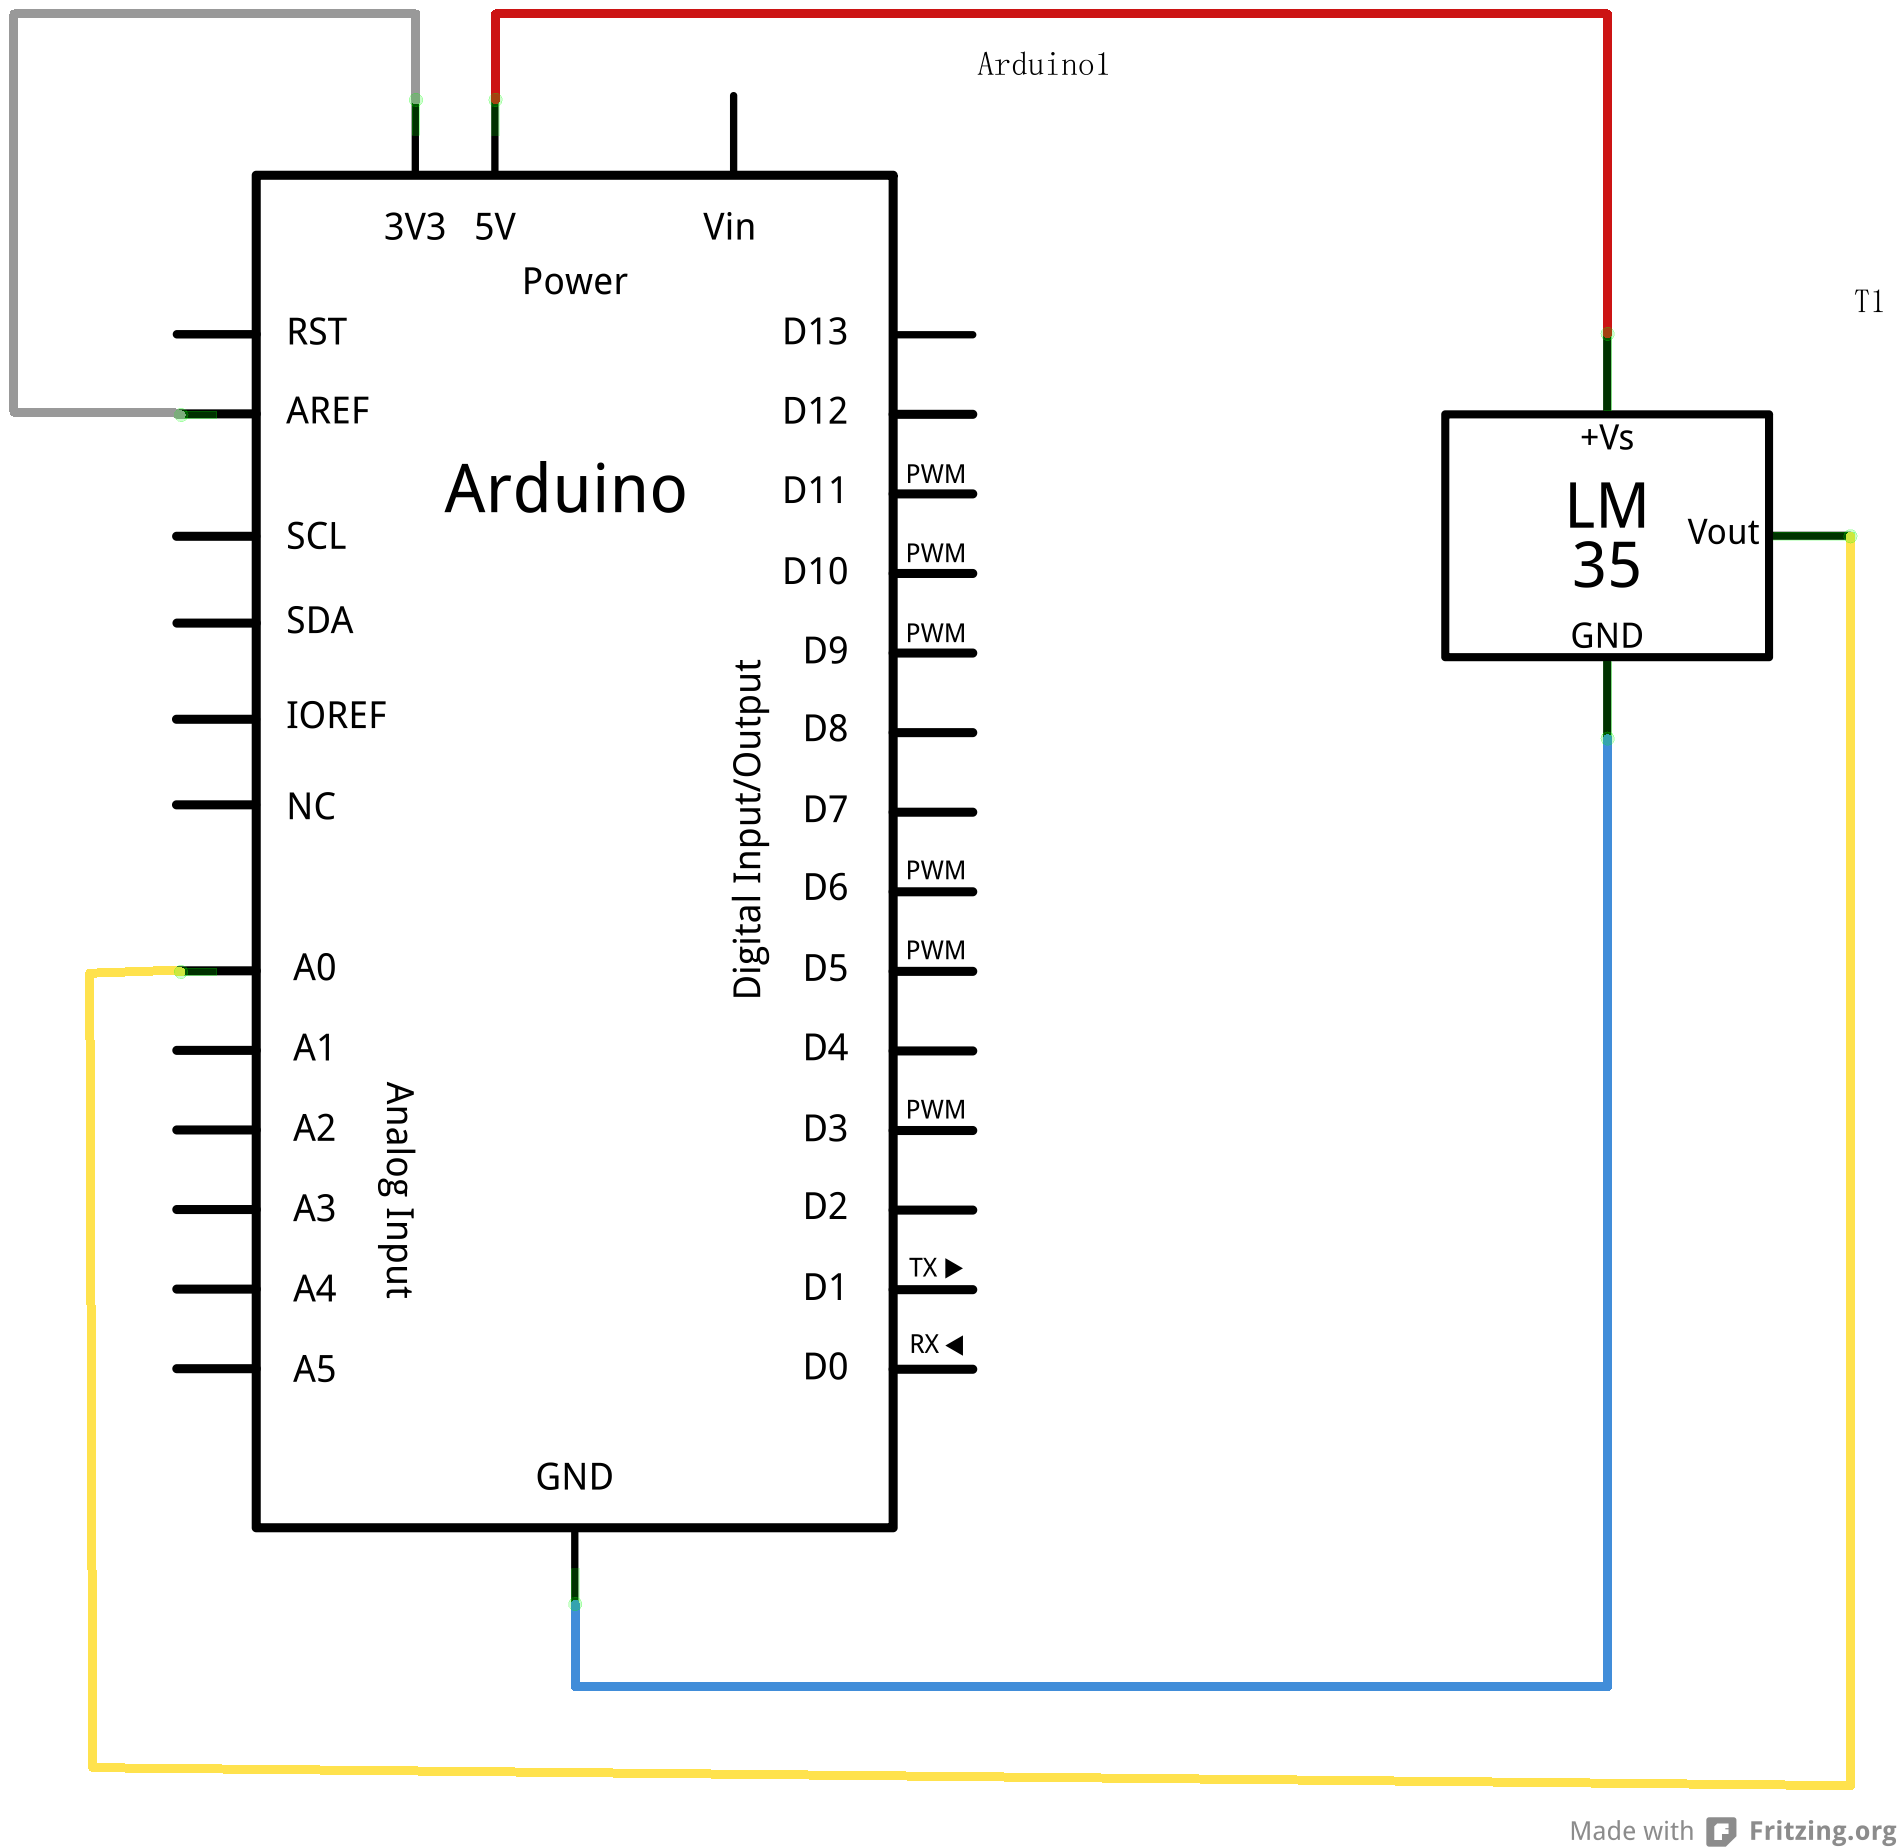 arduino硬件电路图